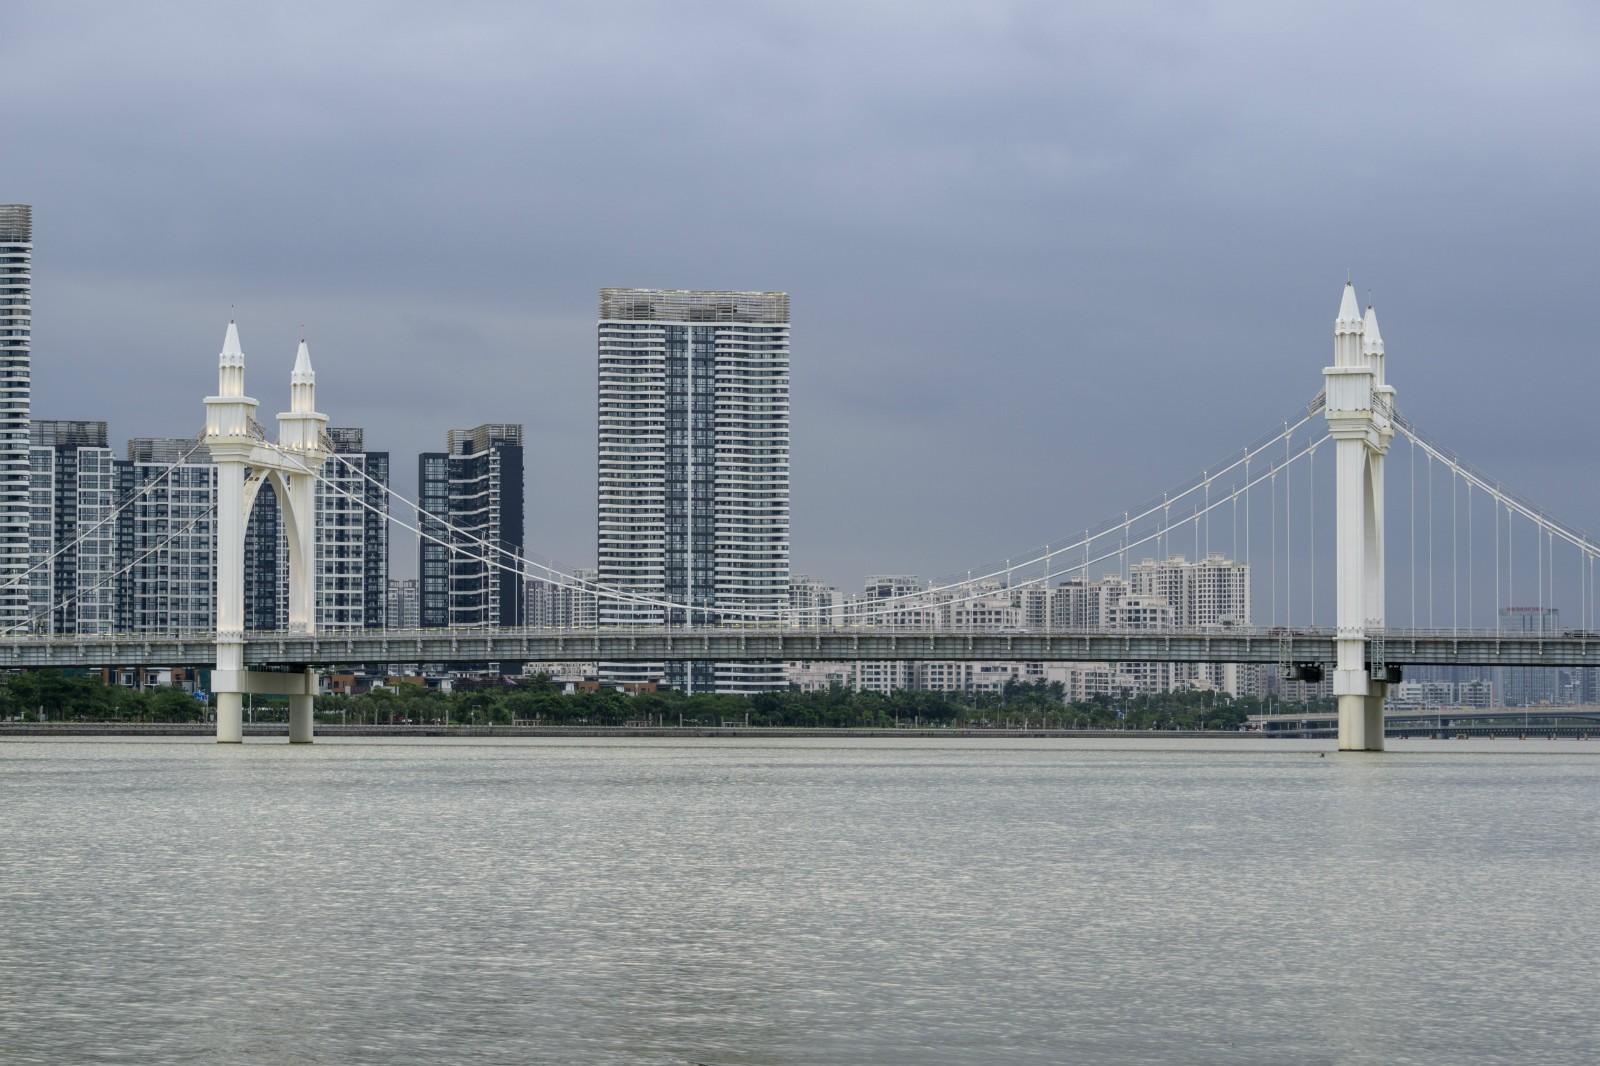 天津市代理记账公司企业提醒集团公司合拼财务报告能够在网上申报